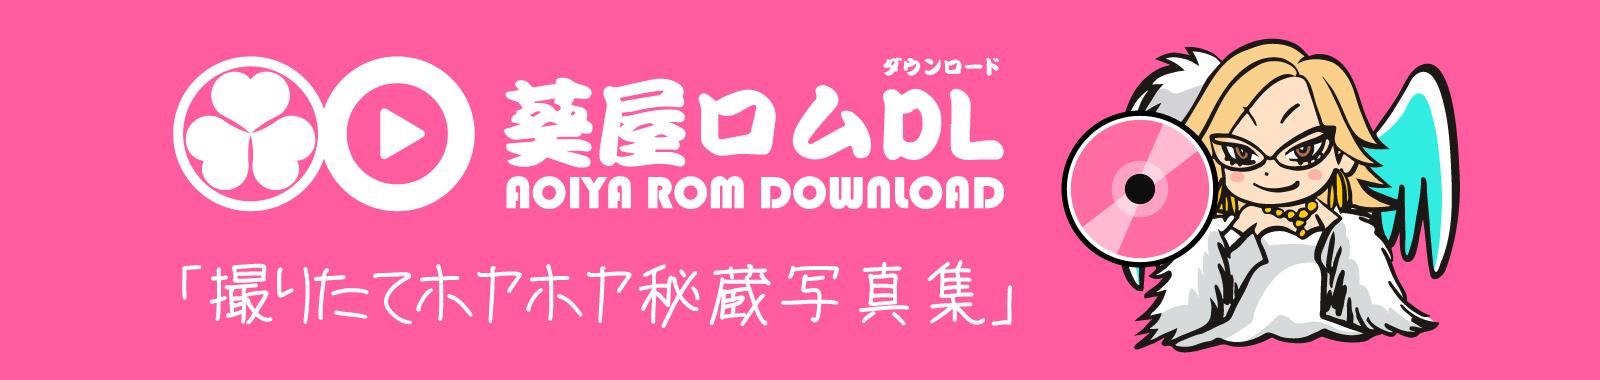 葵屋本店ロムダウンロード